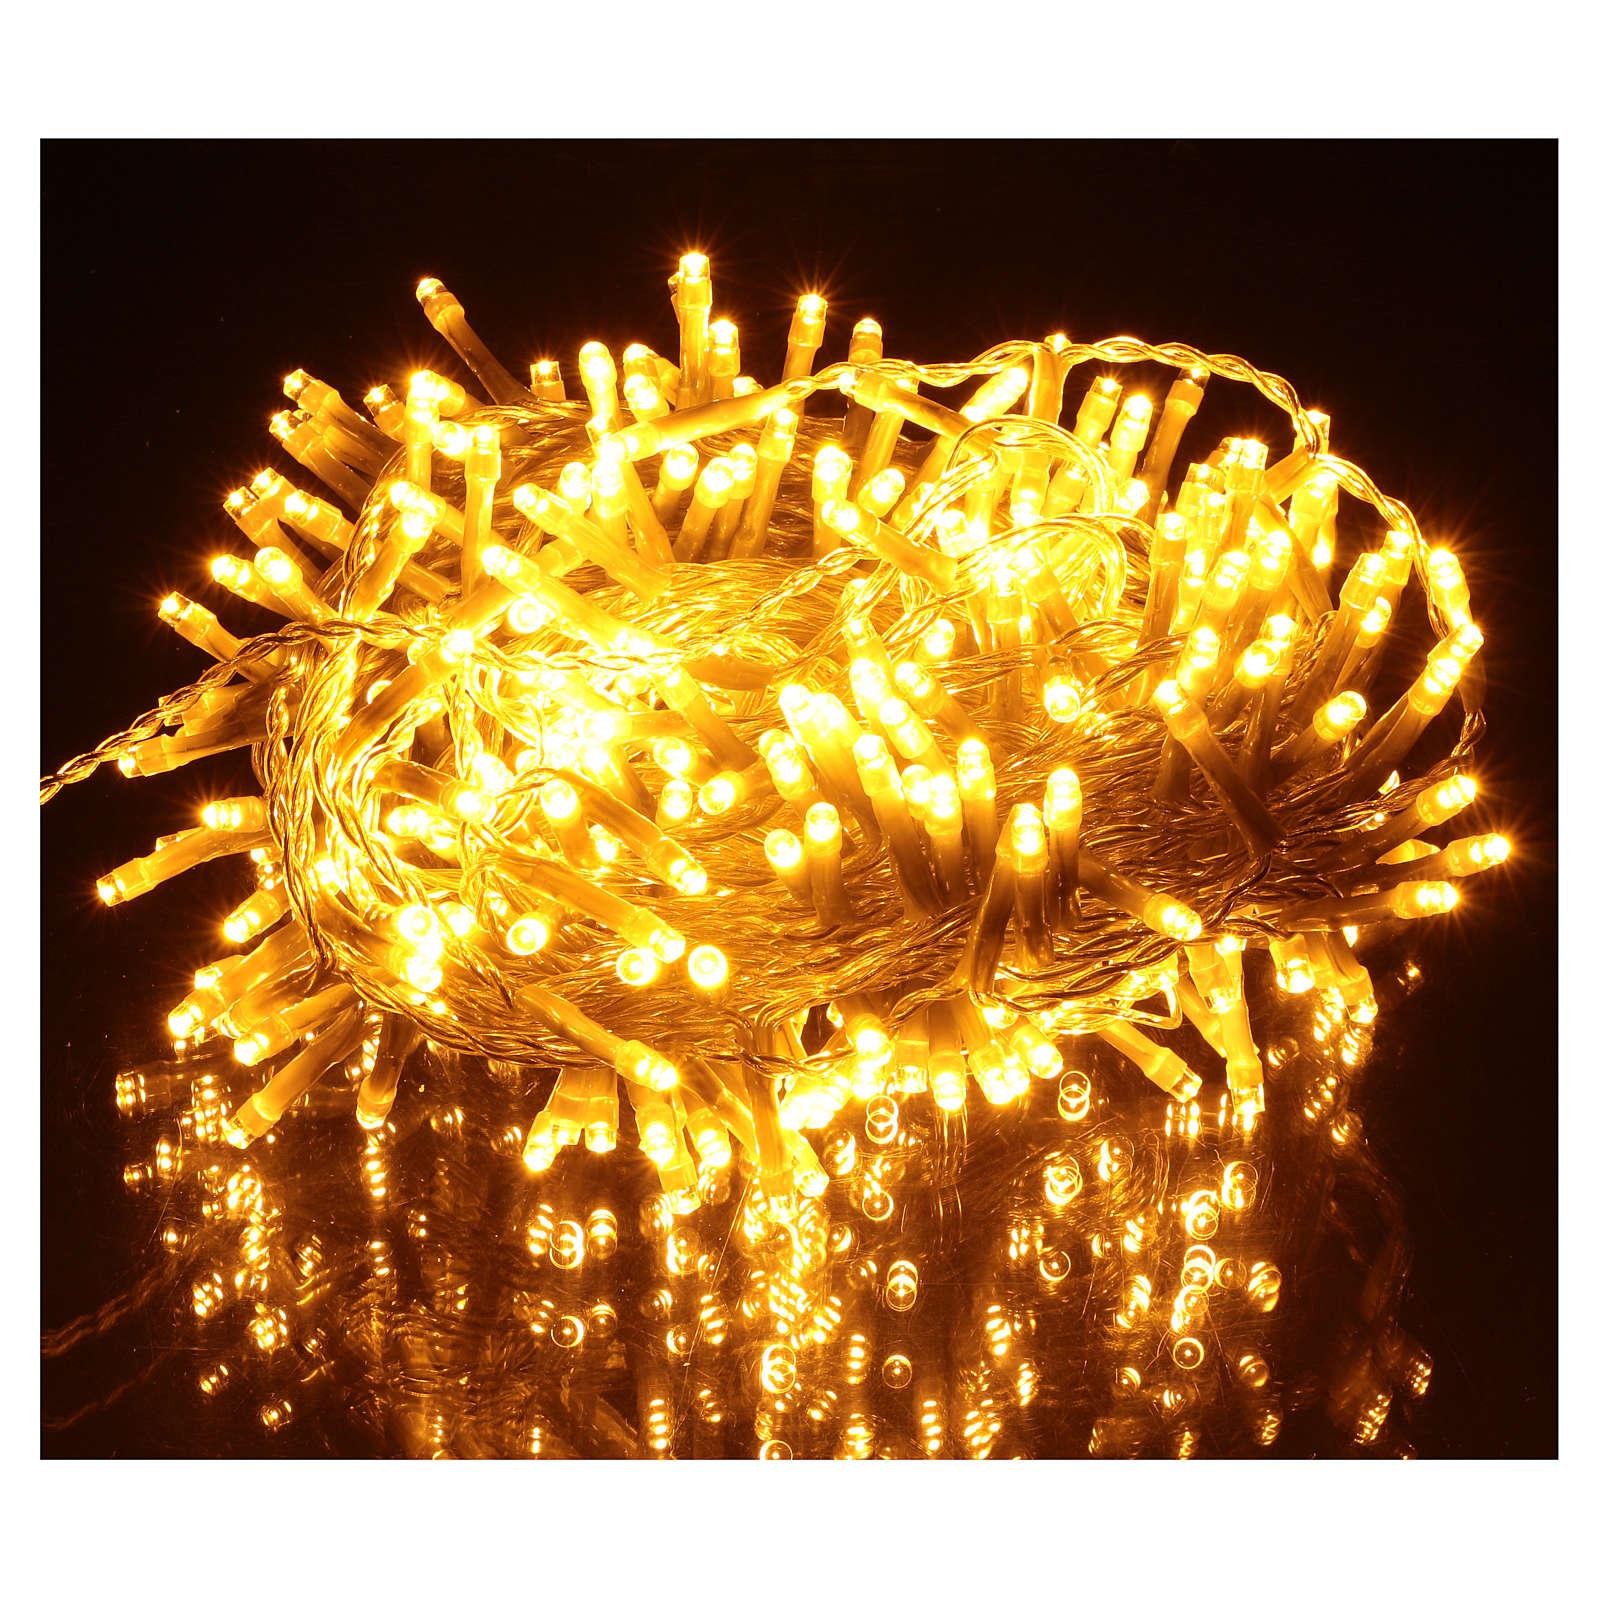 Luce Natalizia catena 320 led bianchi caldi esterni interruttore 16 m 3